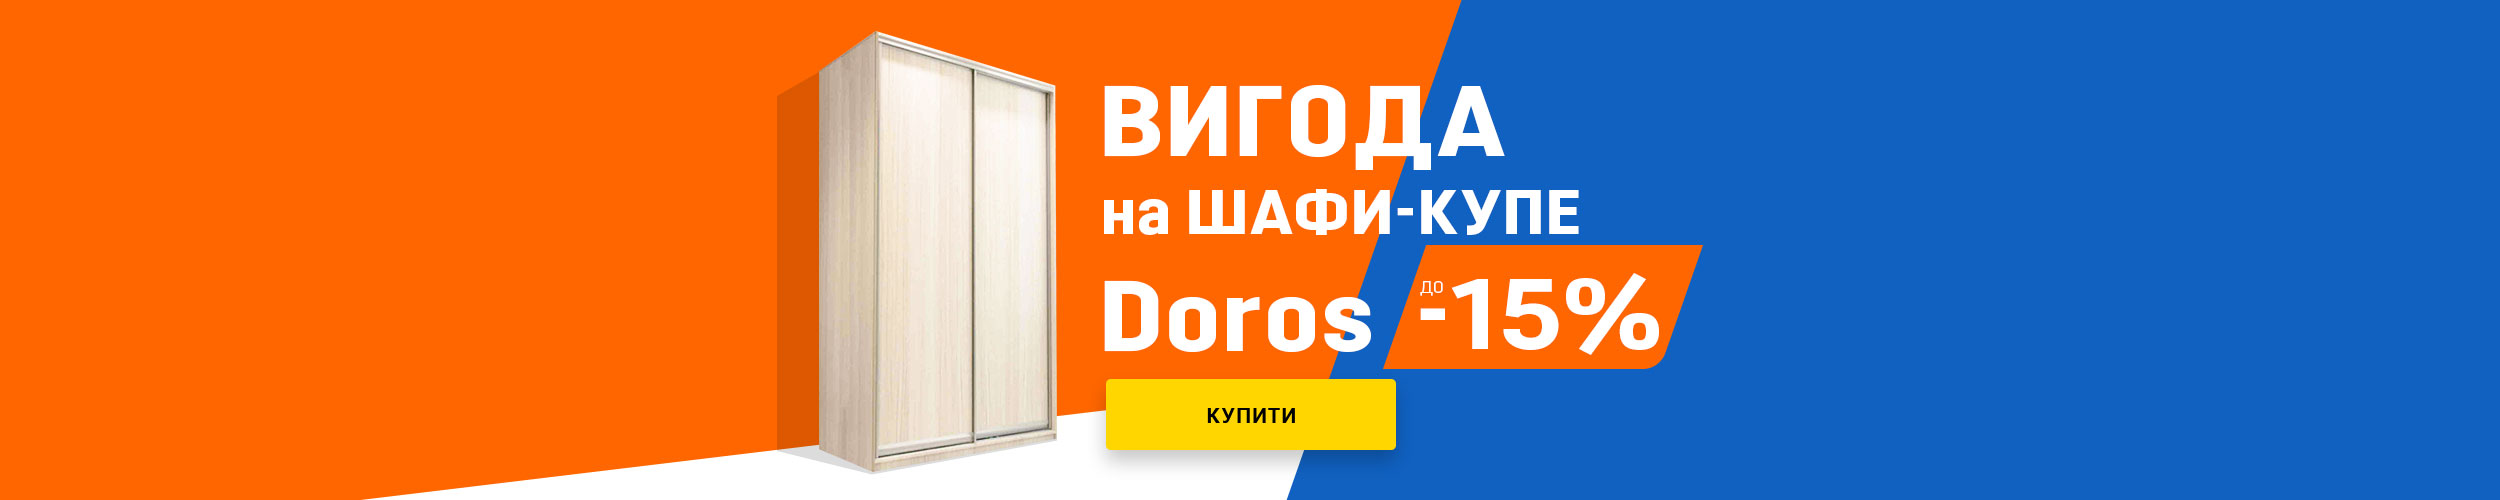 ᐉ Товари для зберігання і догляду за одягом в Києві купити ... e4a3c15958760